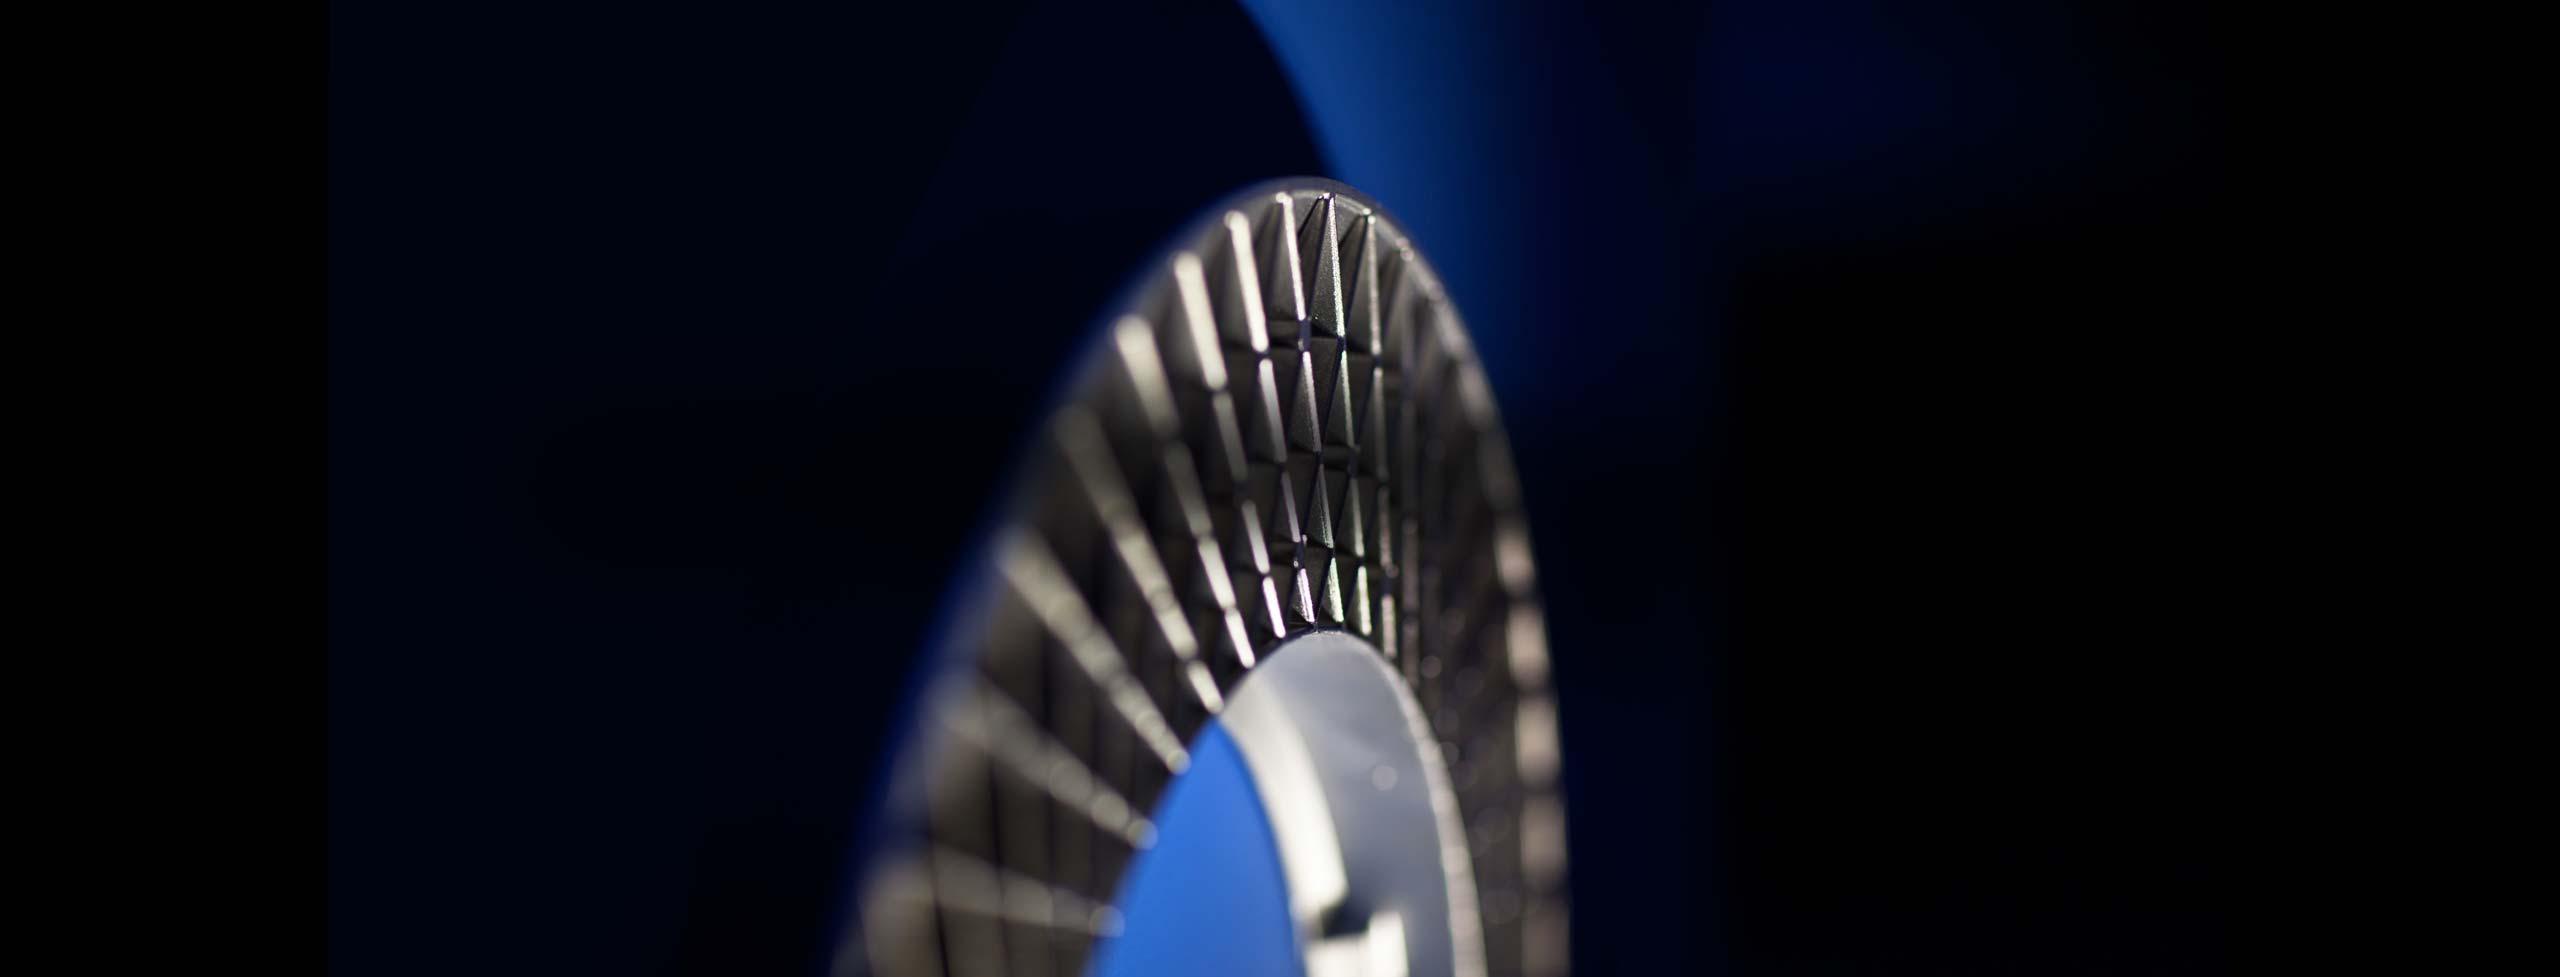 Aluminium druckguss 100% made in Italy